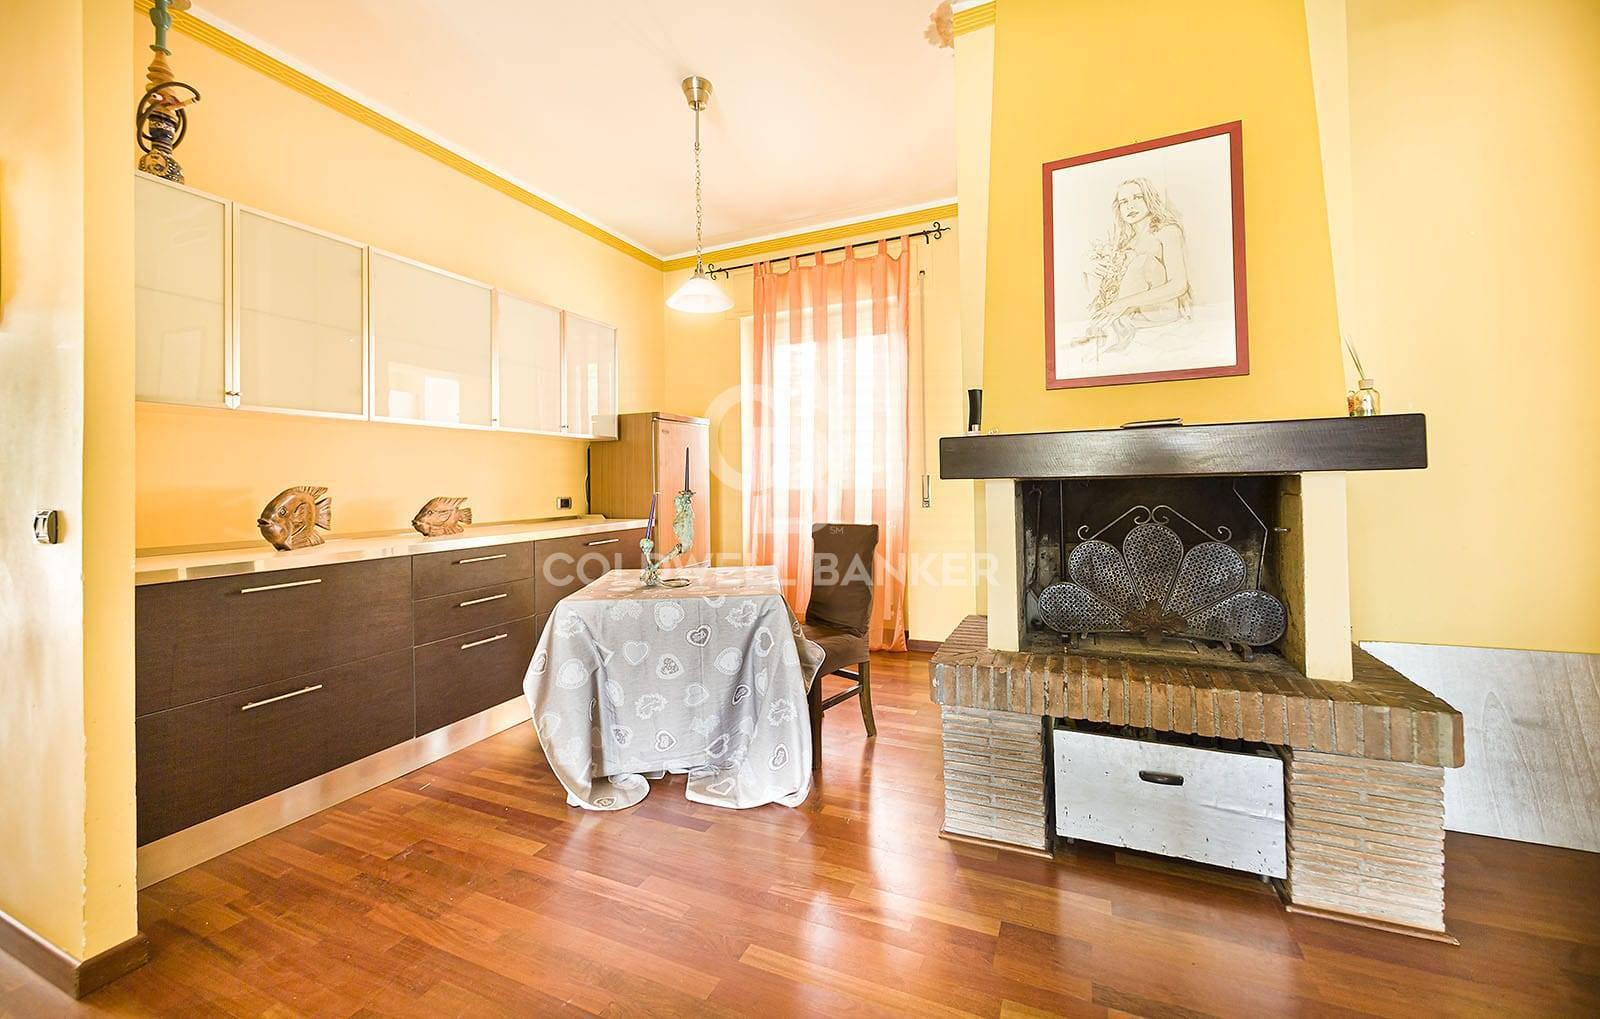 Appartamento in vendita a Viterbo, 3 locali, zona Zona: Semicentro, prezzo € 147.000 | CambioCasa.it